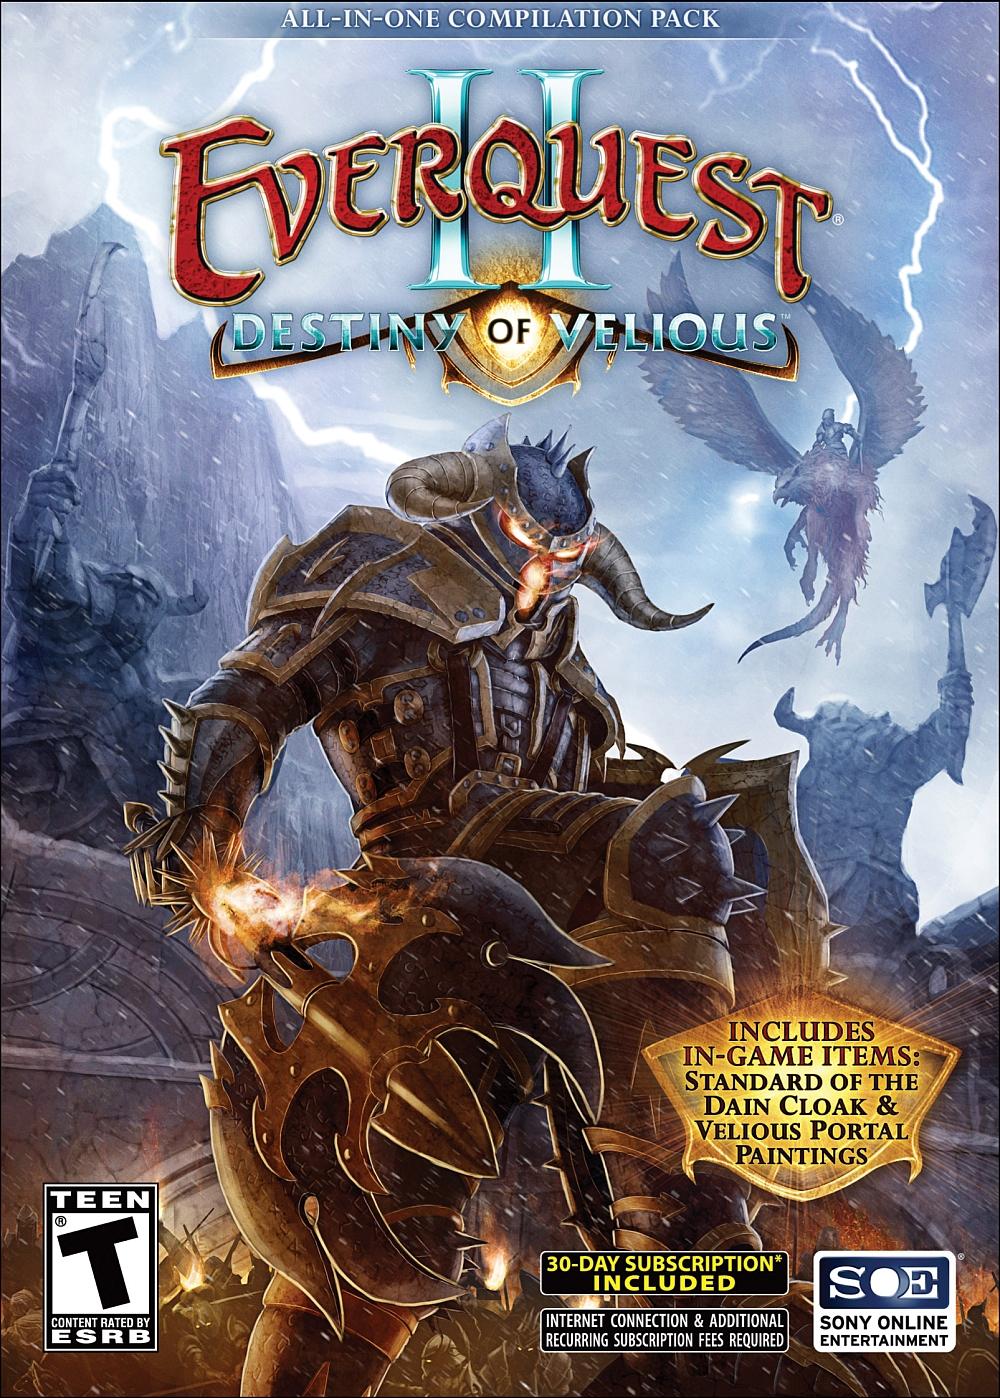 Category:Destiny of Velious | EverQuest 2 Wiki | FANDOM